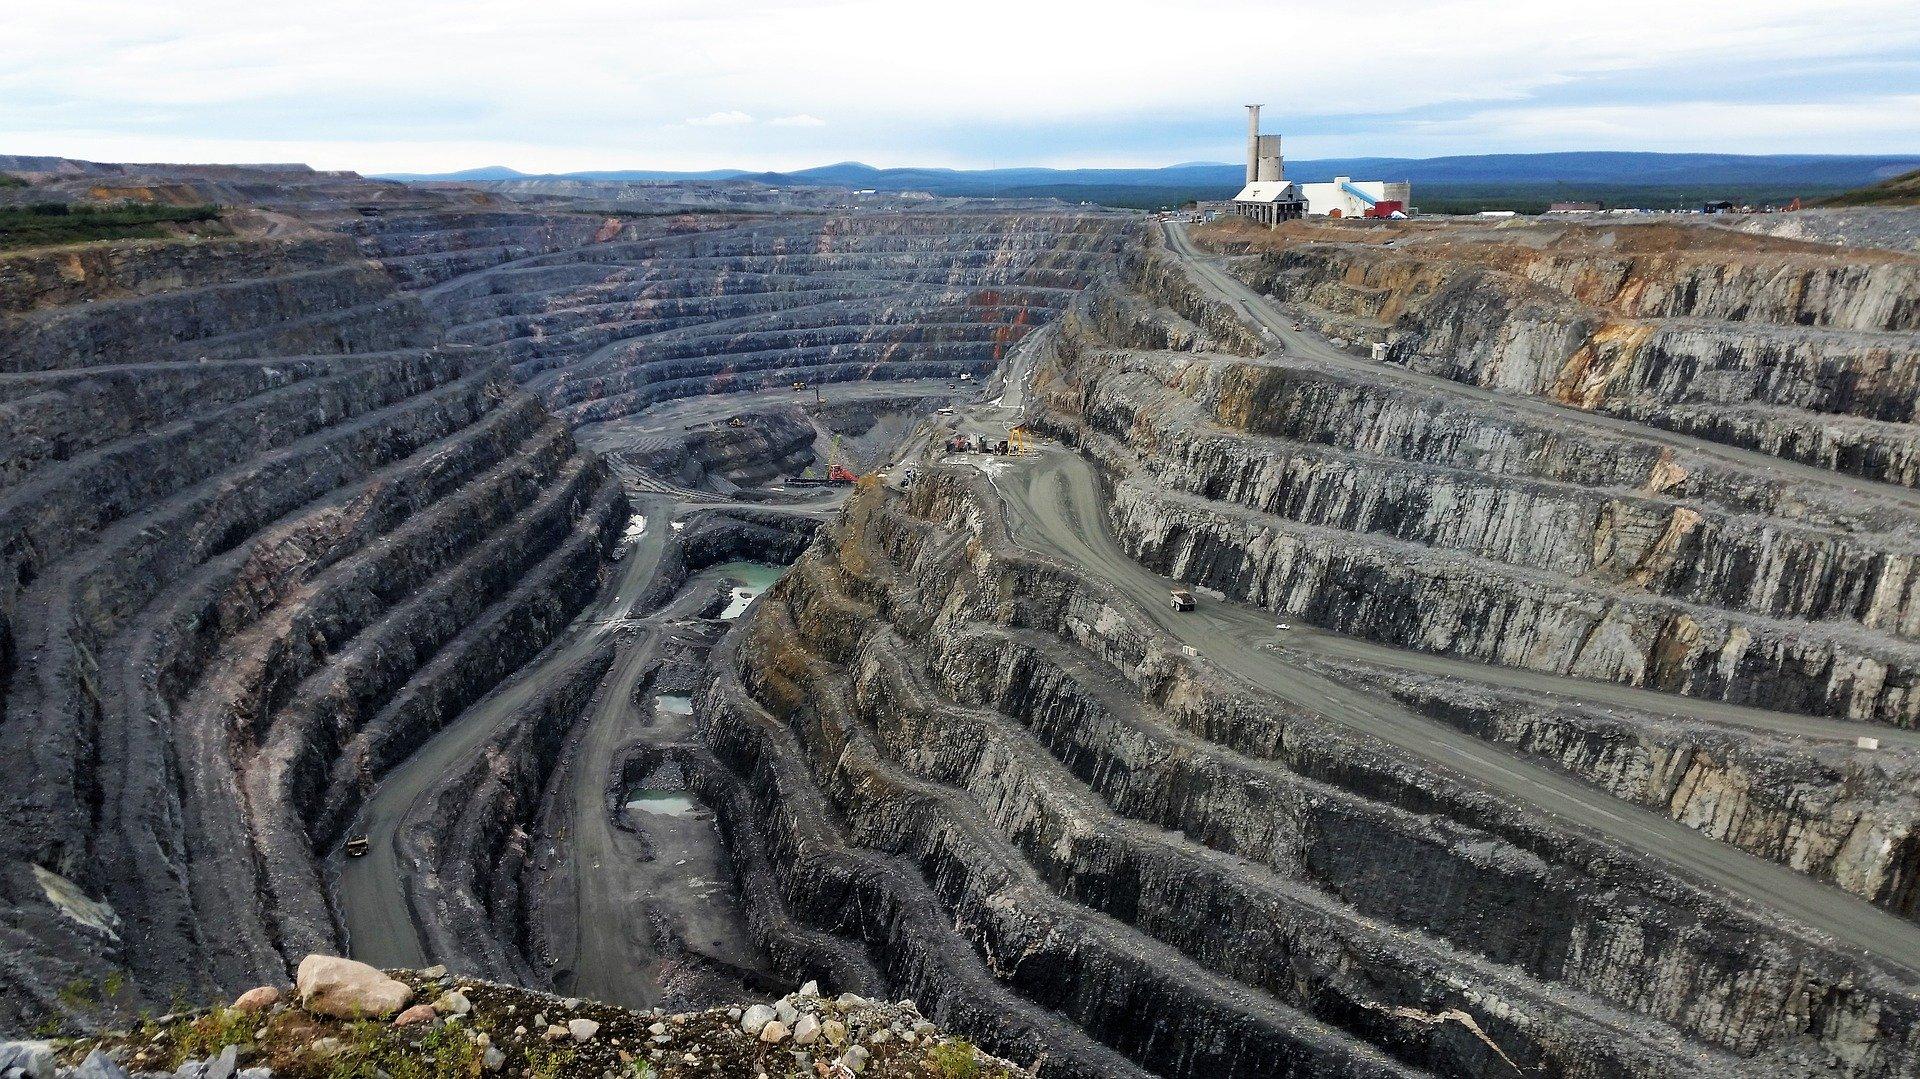 KAZ Minerals сообщила о завершении сделки по приобретению месторождения на Чукотке